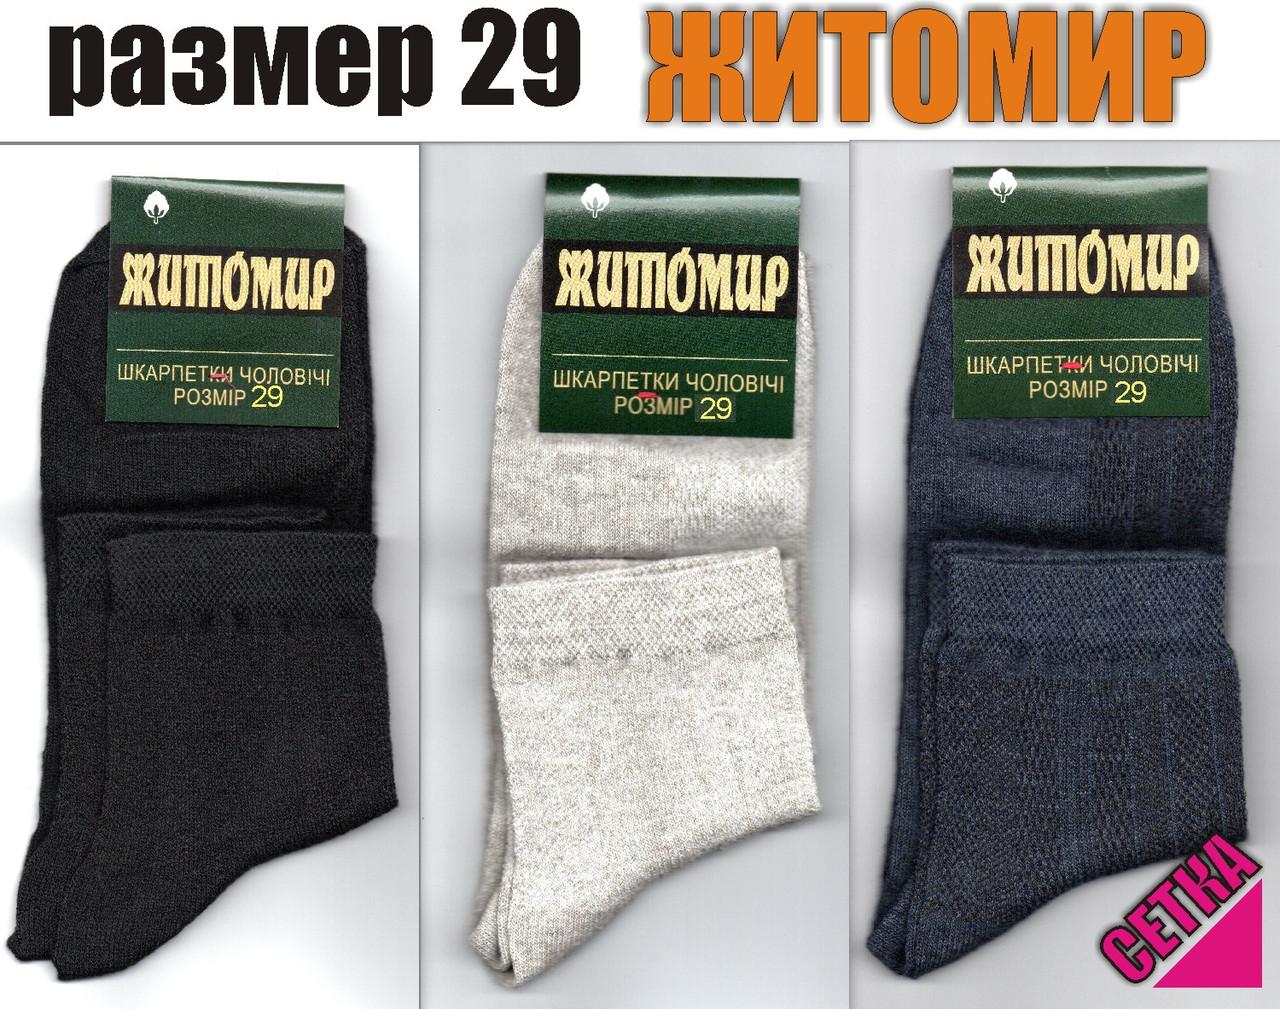 Носки мужские ассорти с сеткой Житомир 29 размер. НМЛ-06138